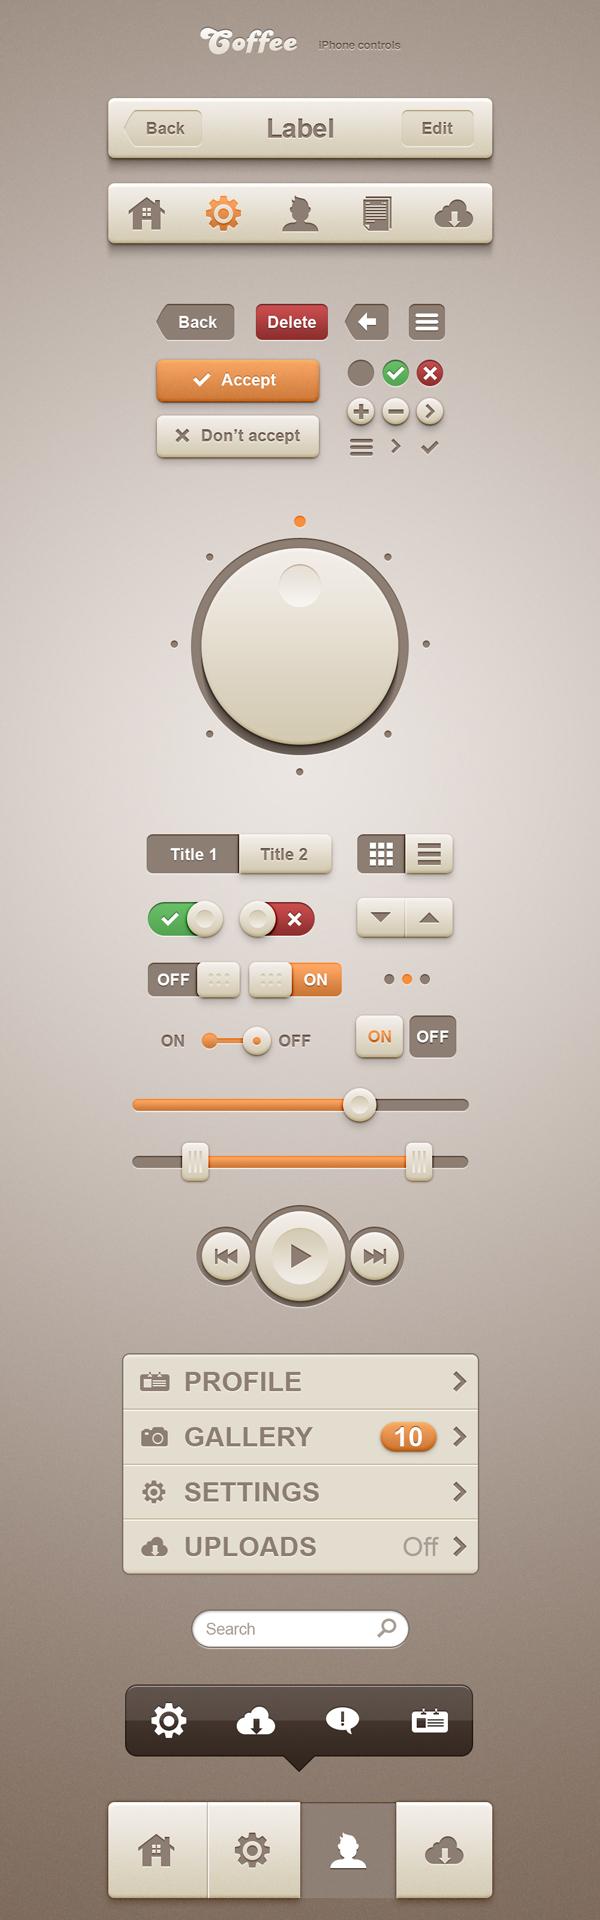 coffee_iphone_controls_2x